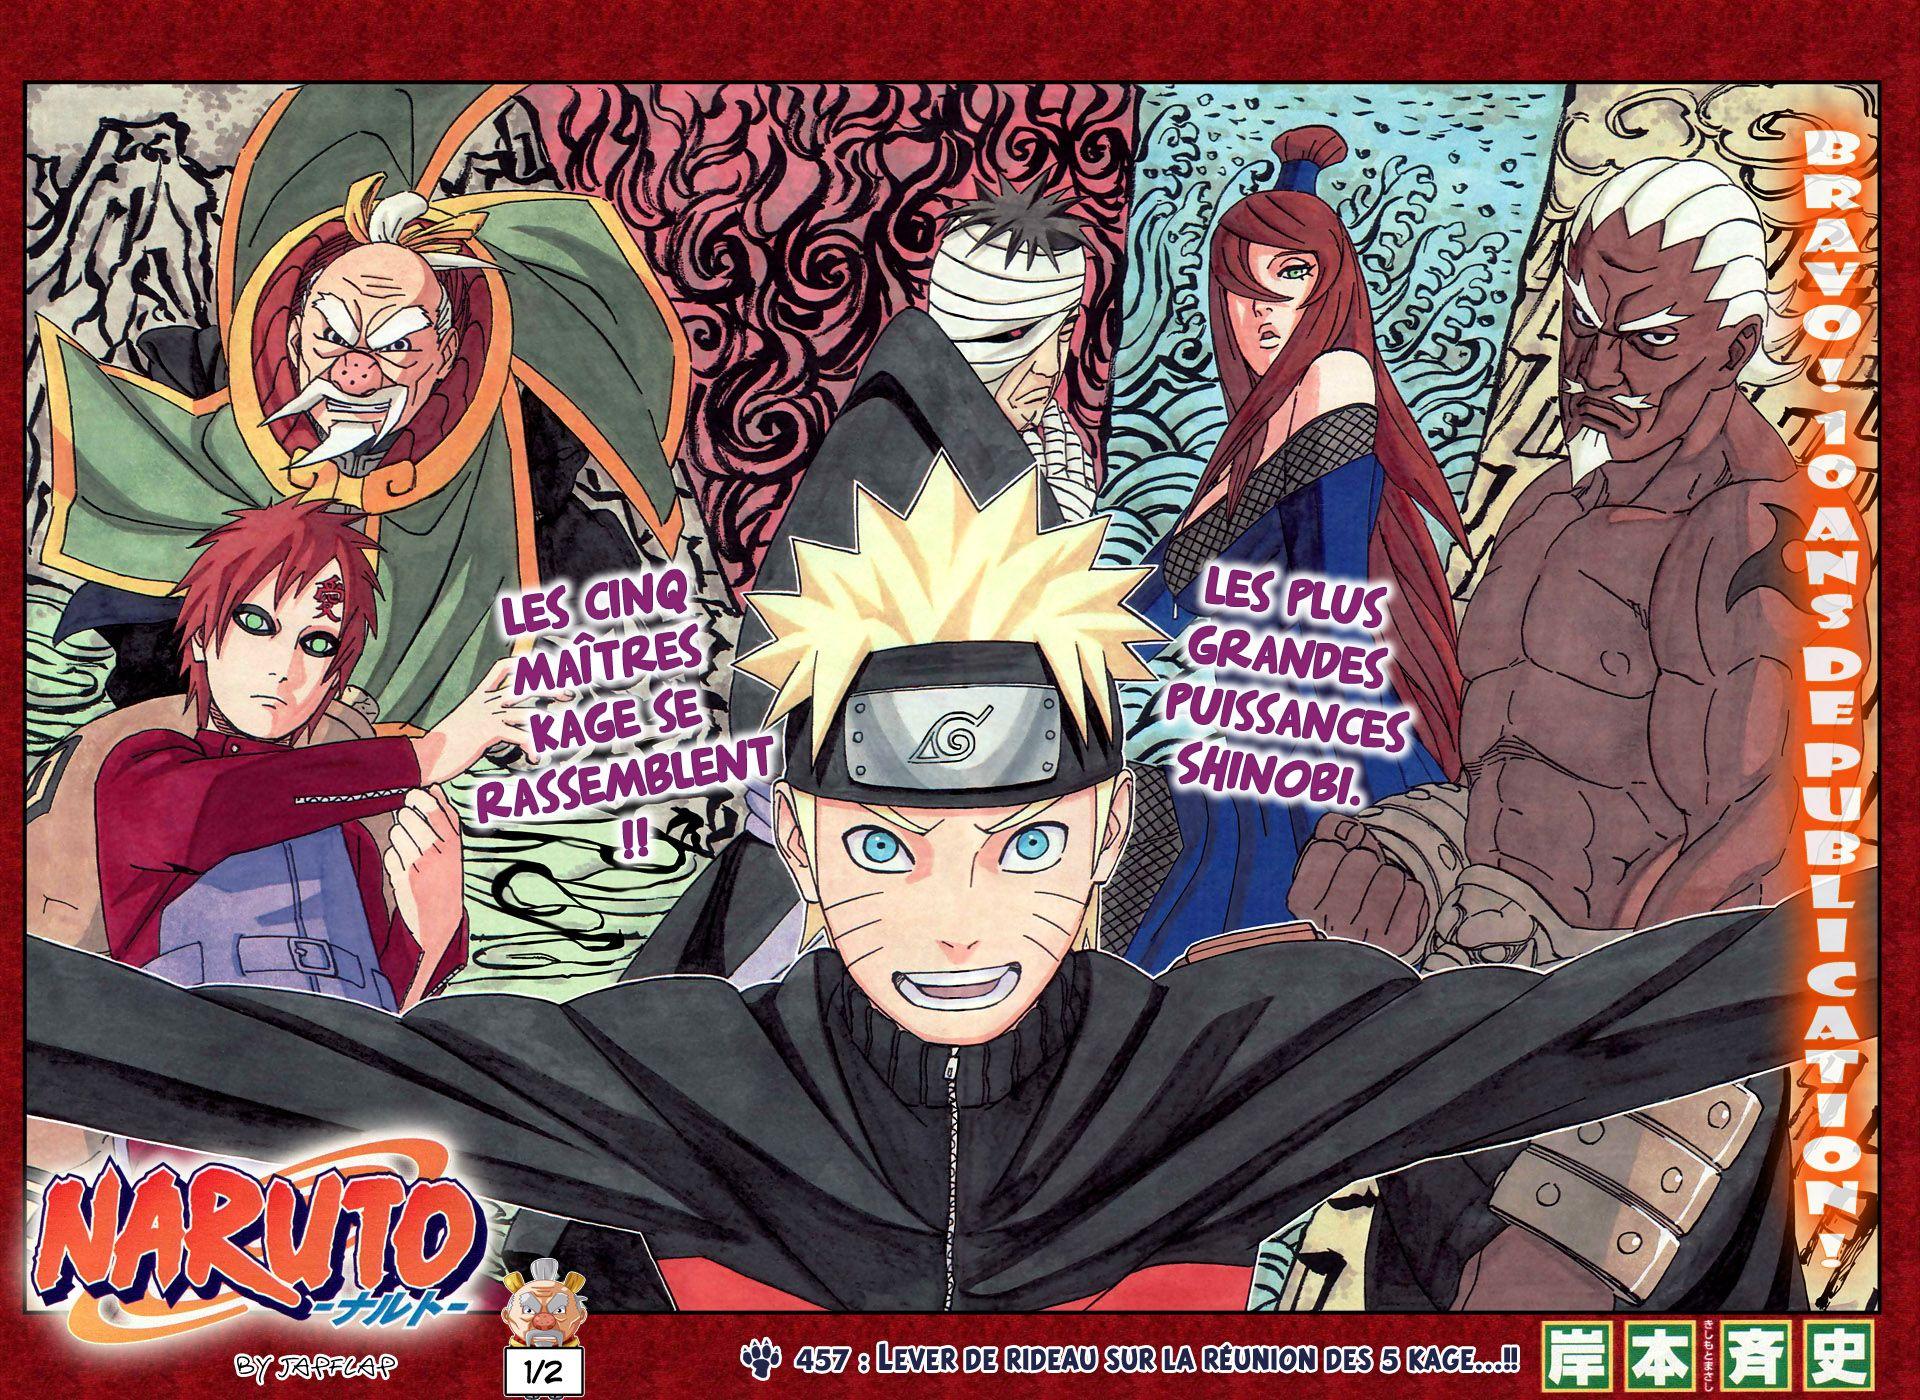 Scan Naruto 457 VF page 1 Naruto, Manga naruto, Animé